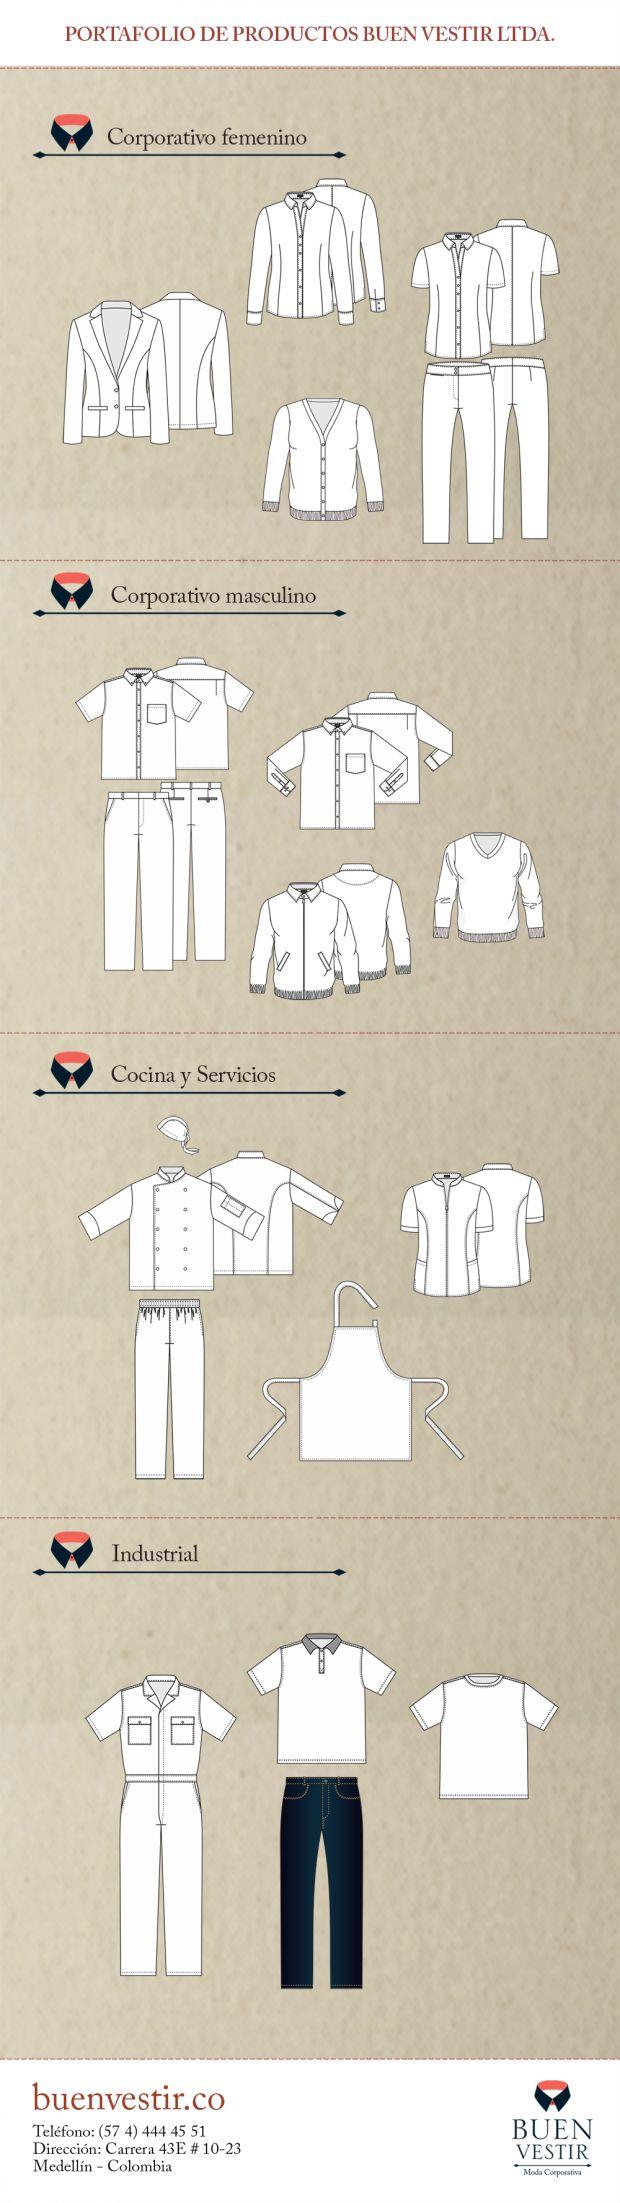 Portafolio de Productos Buen Vestir - Moda Corporativa Medellín - Colombia. 2016.